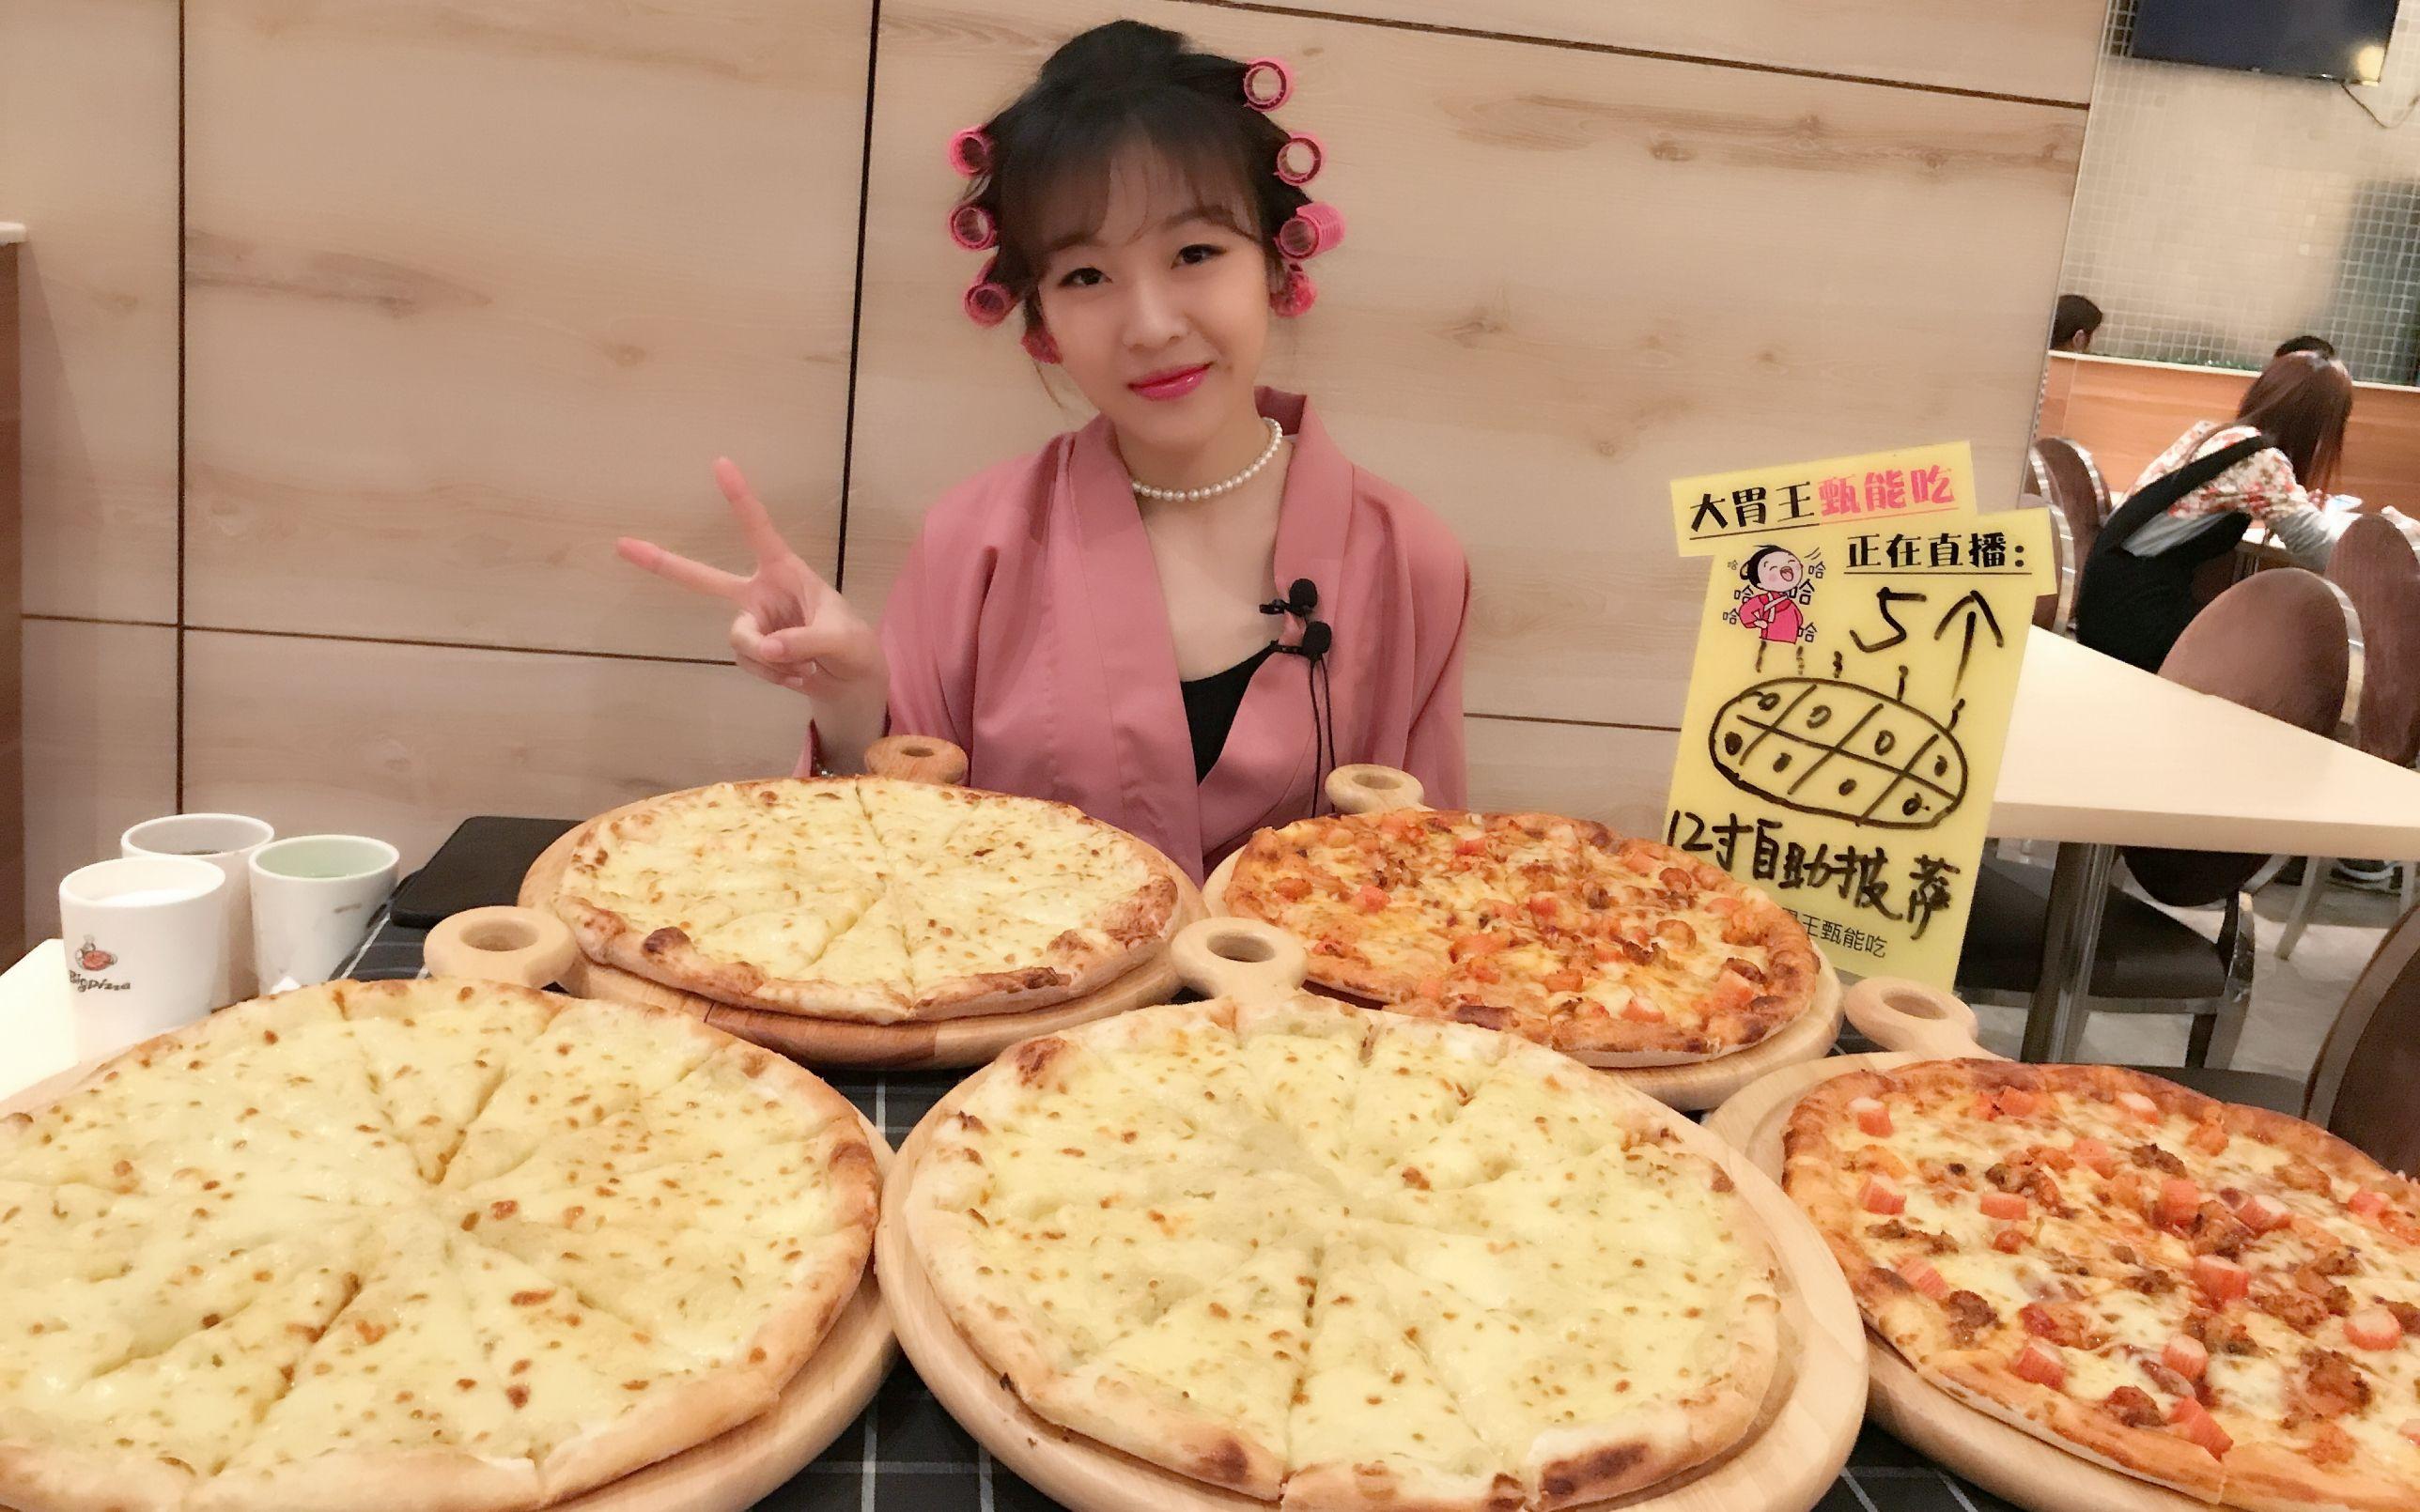 大胃王甄能吃绝杀自助餐第四弹:5个12寸披萨+30个布丁!